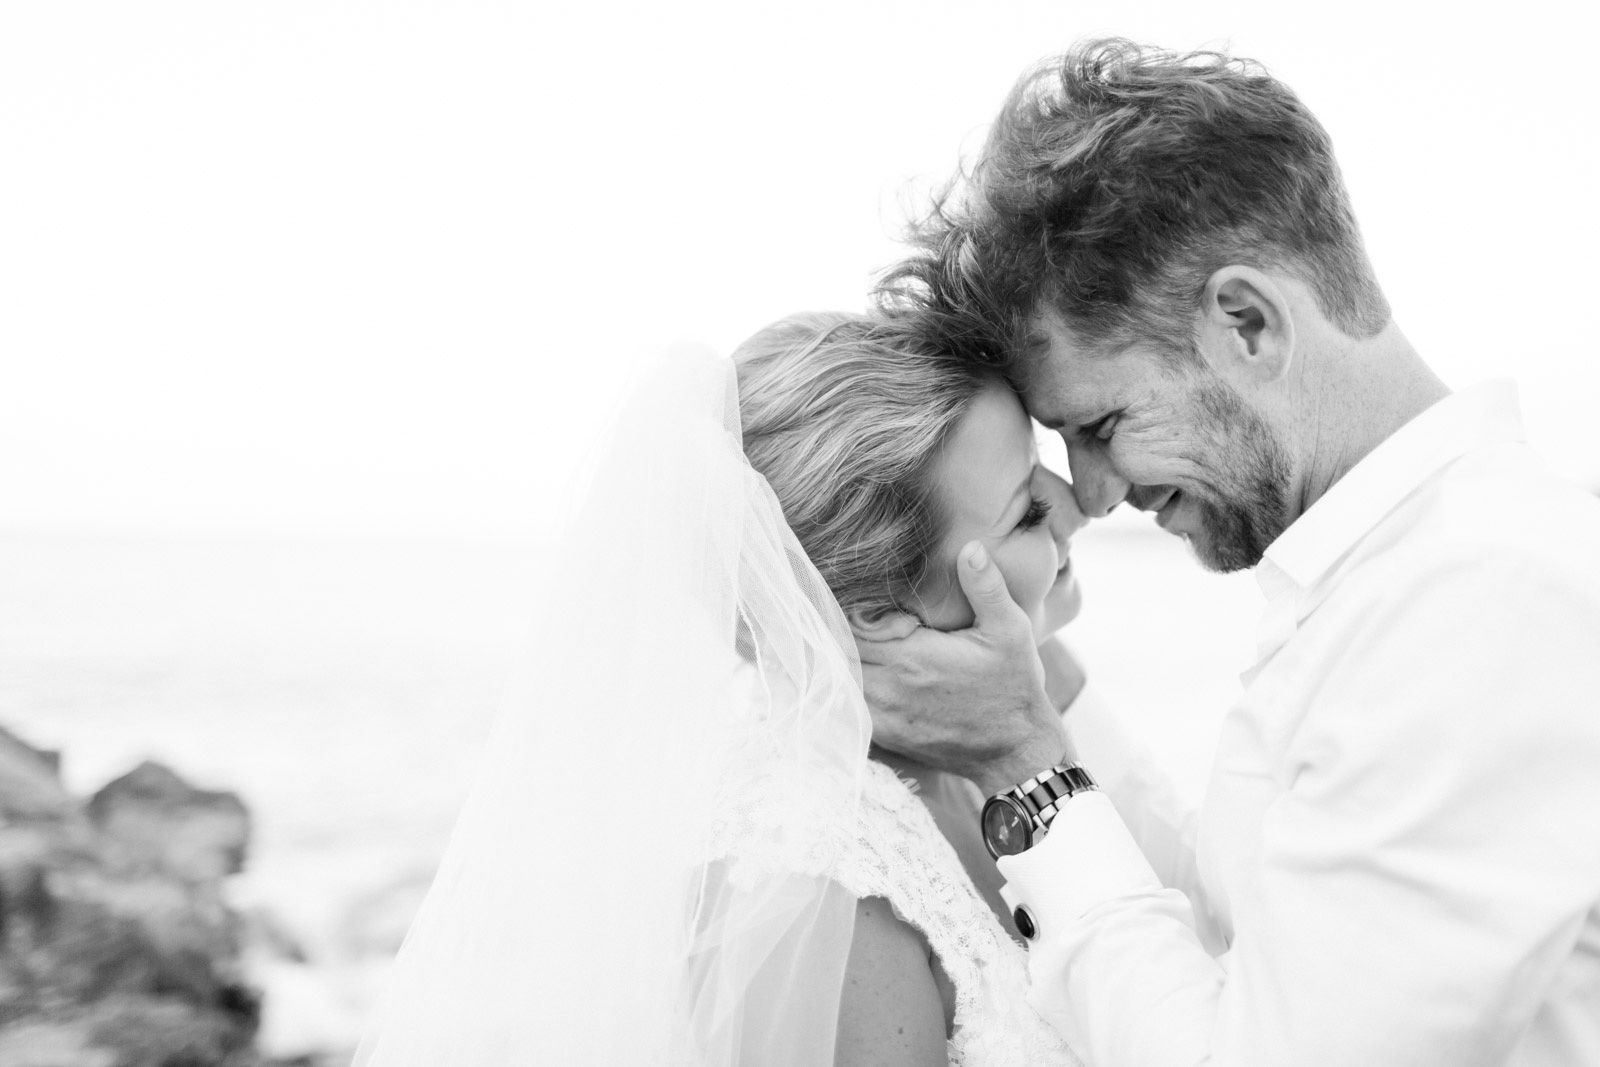 Natalie-Schutt-Photography--Destination-Wedding-Photographer_09.jpg